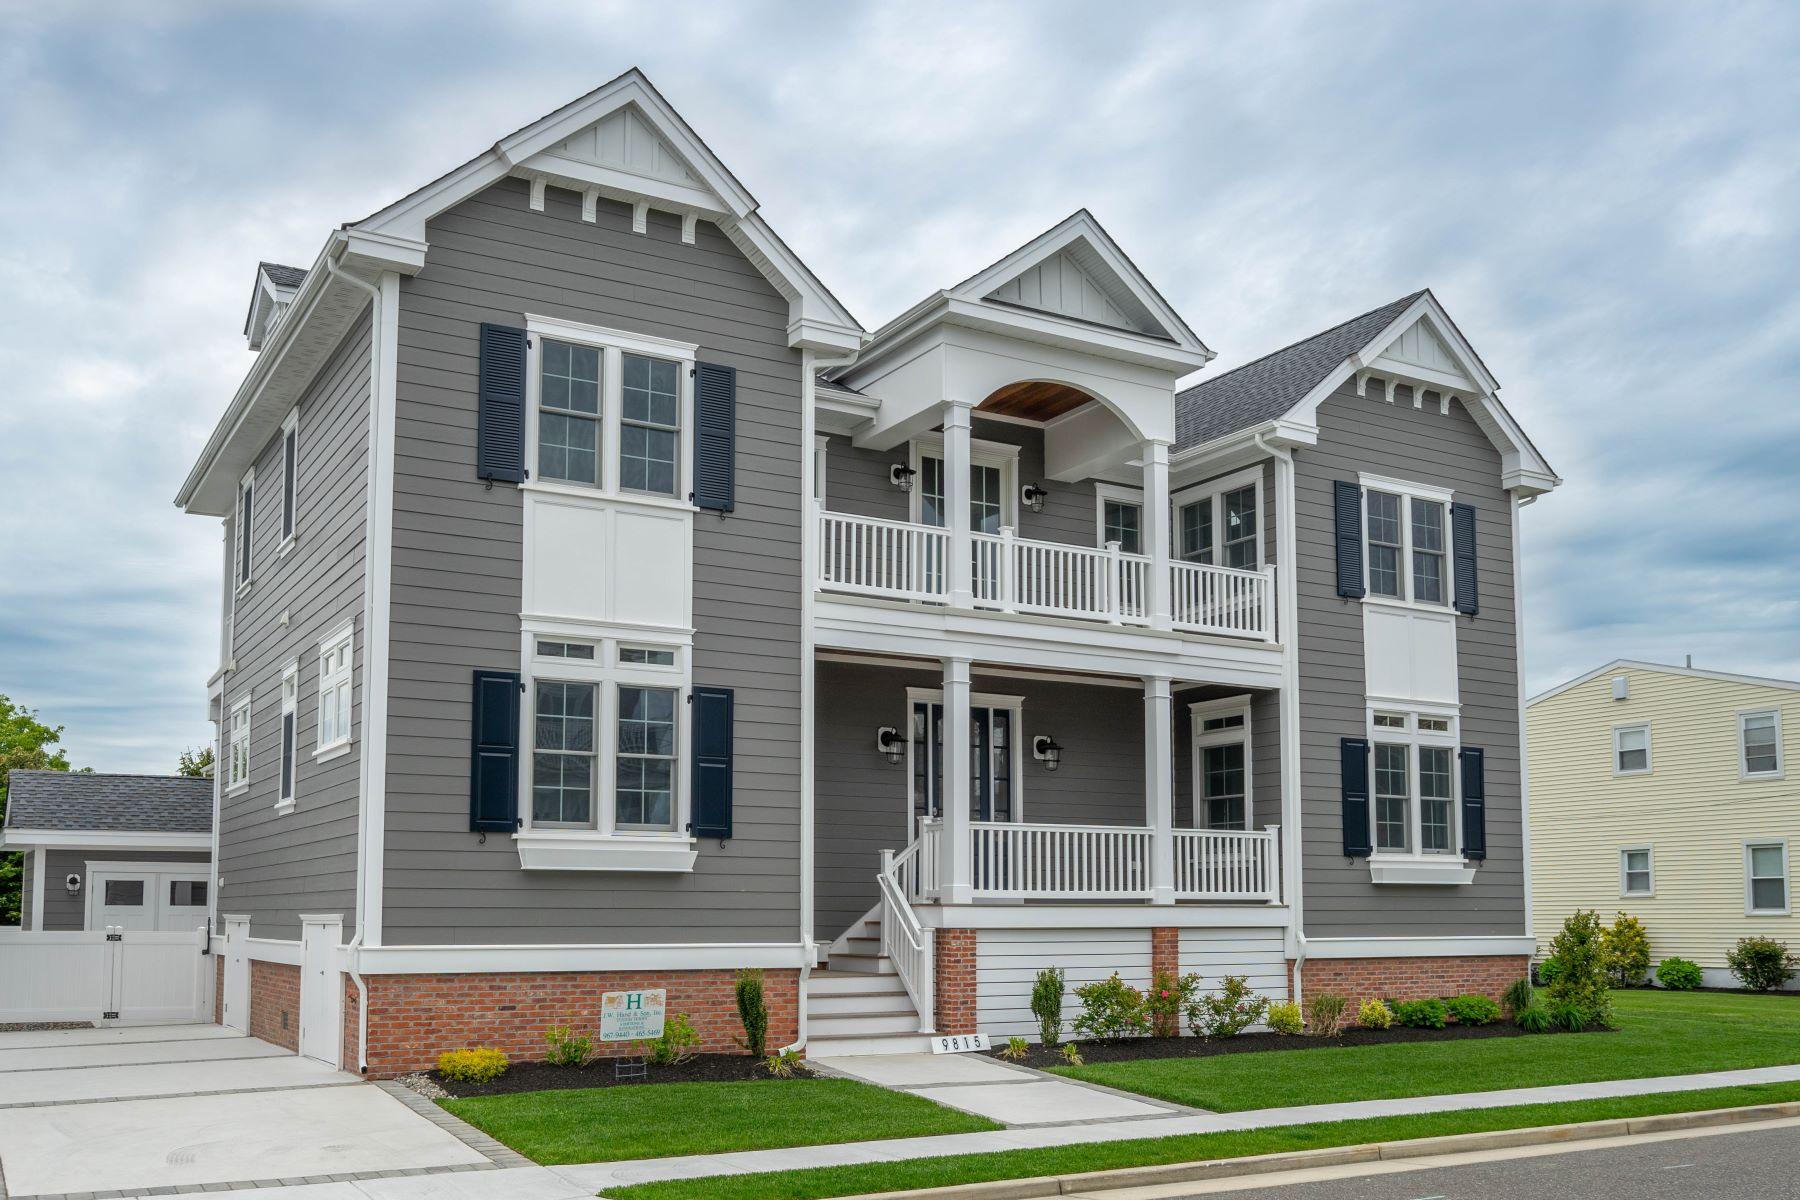 Частный односемейный дом для того Продажа на Inspiring New Construction 9815 Corinthain Drive, Stone Harbor, Нью-Джерси 08247 Соединенные Штаты